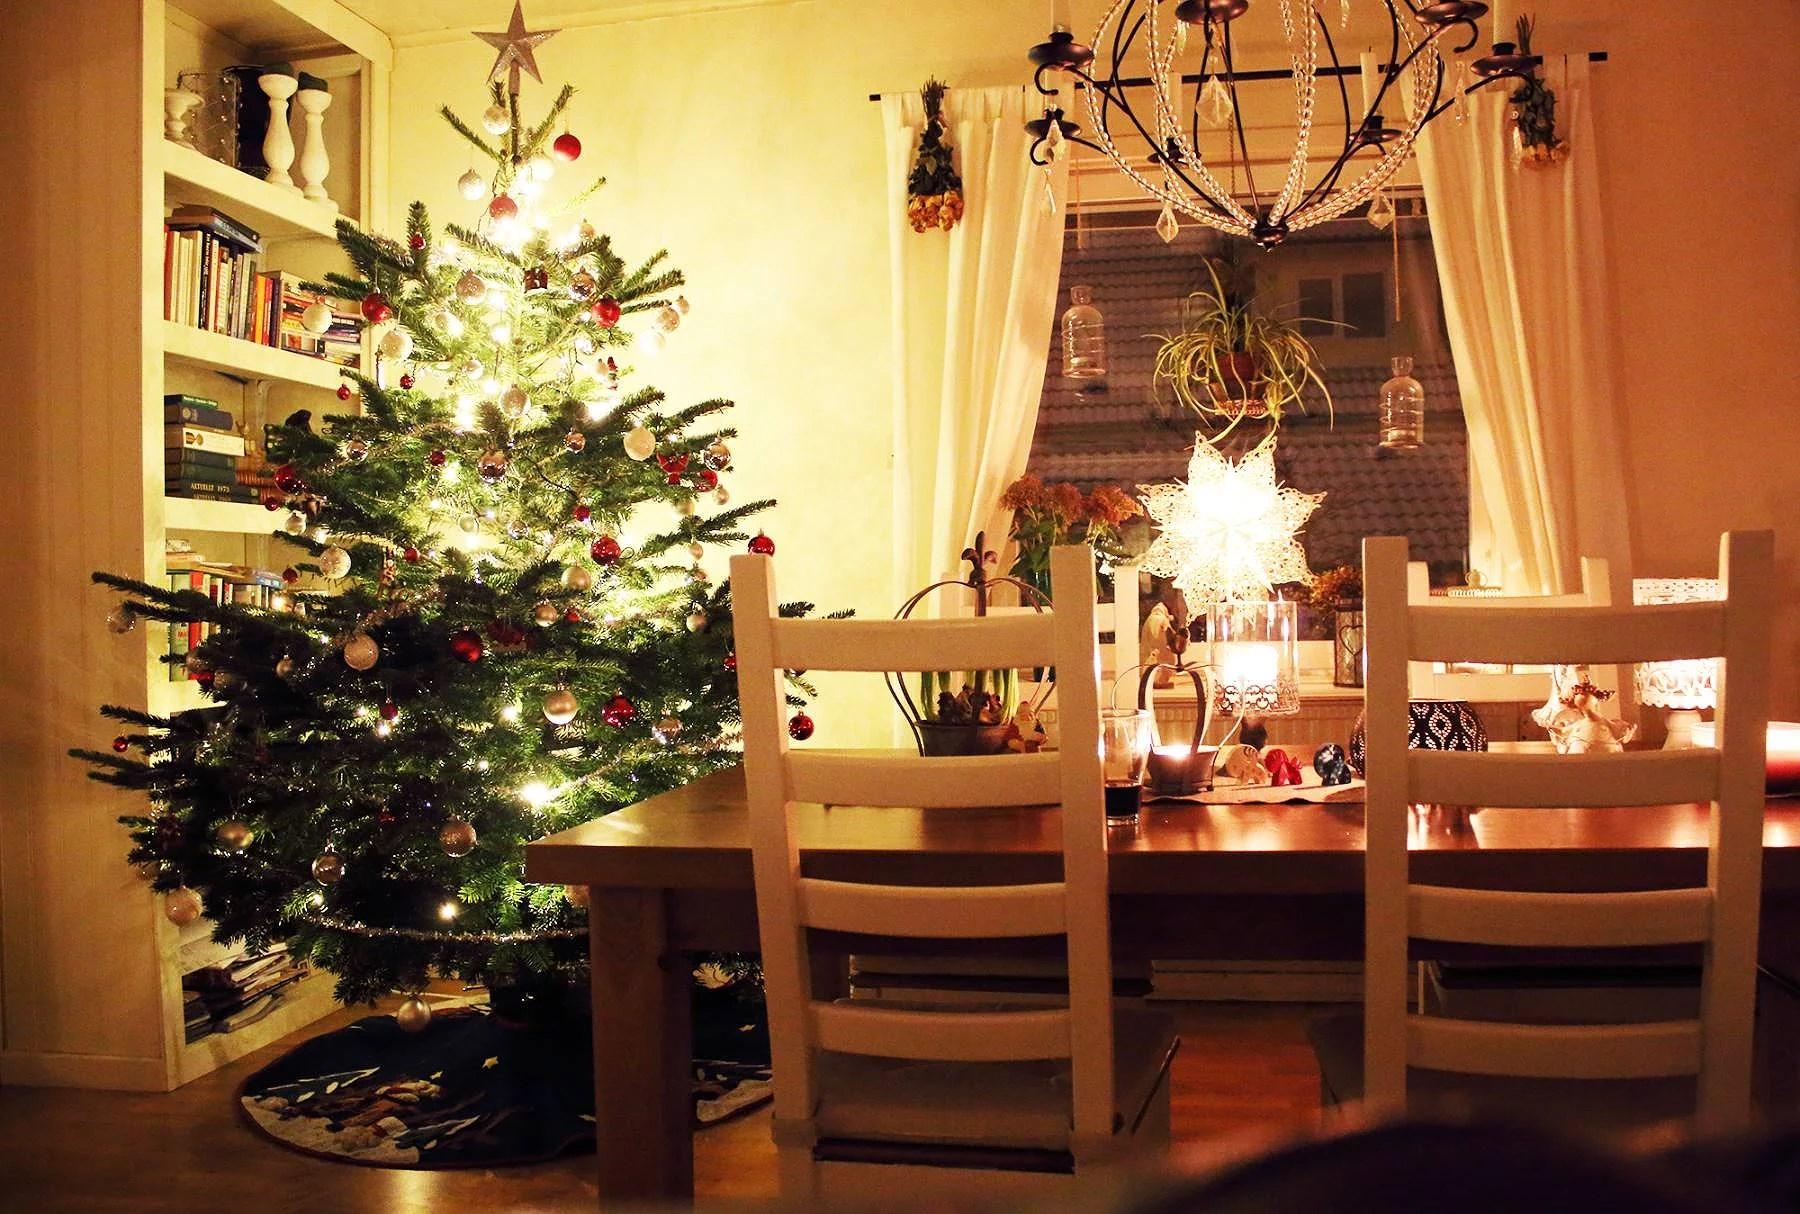 Välkommen in julgranen!